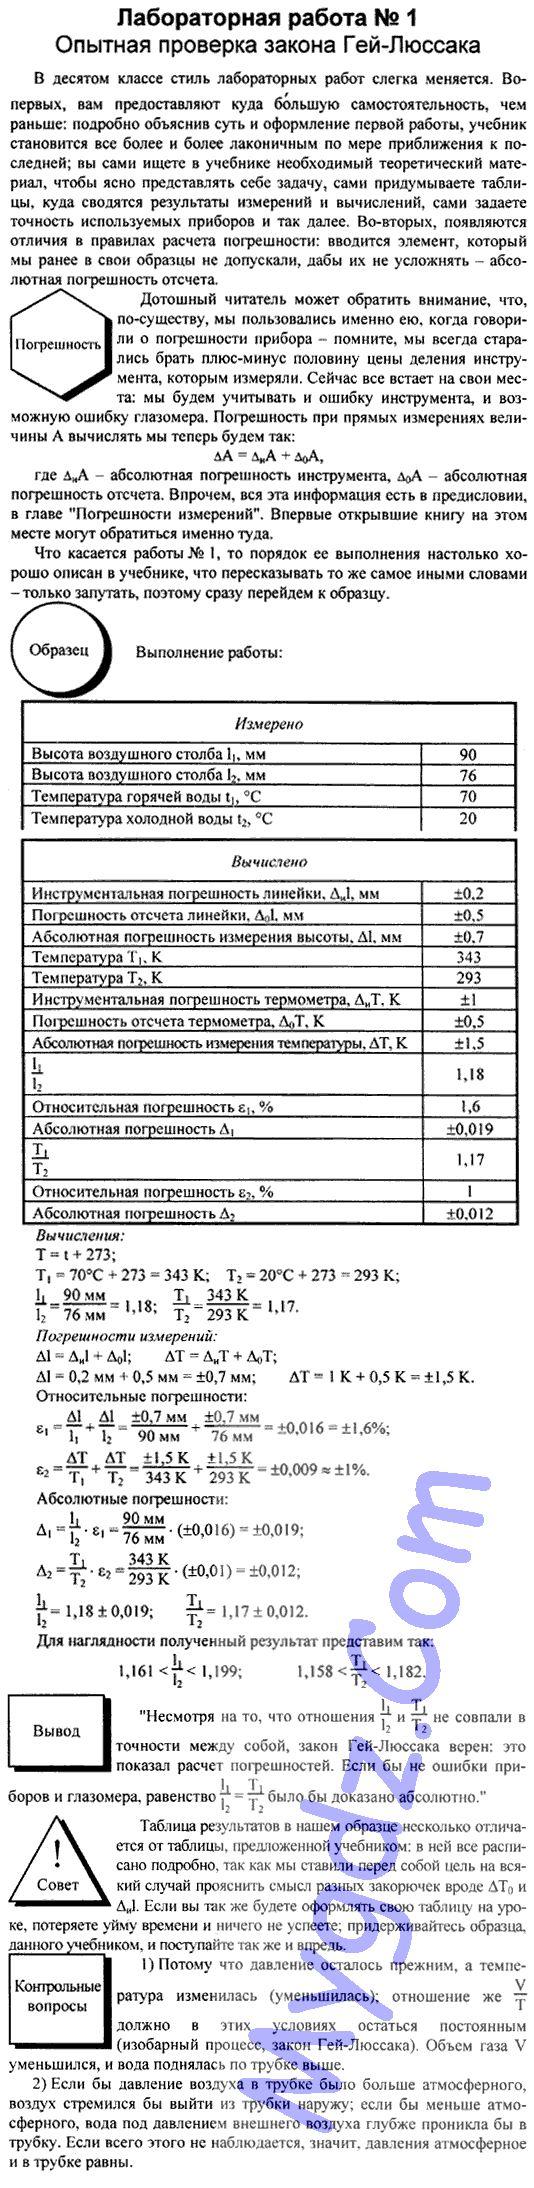 Скачатьистория россии 8 класс данилов кузнецова павлова репникова